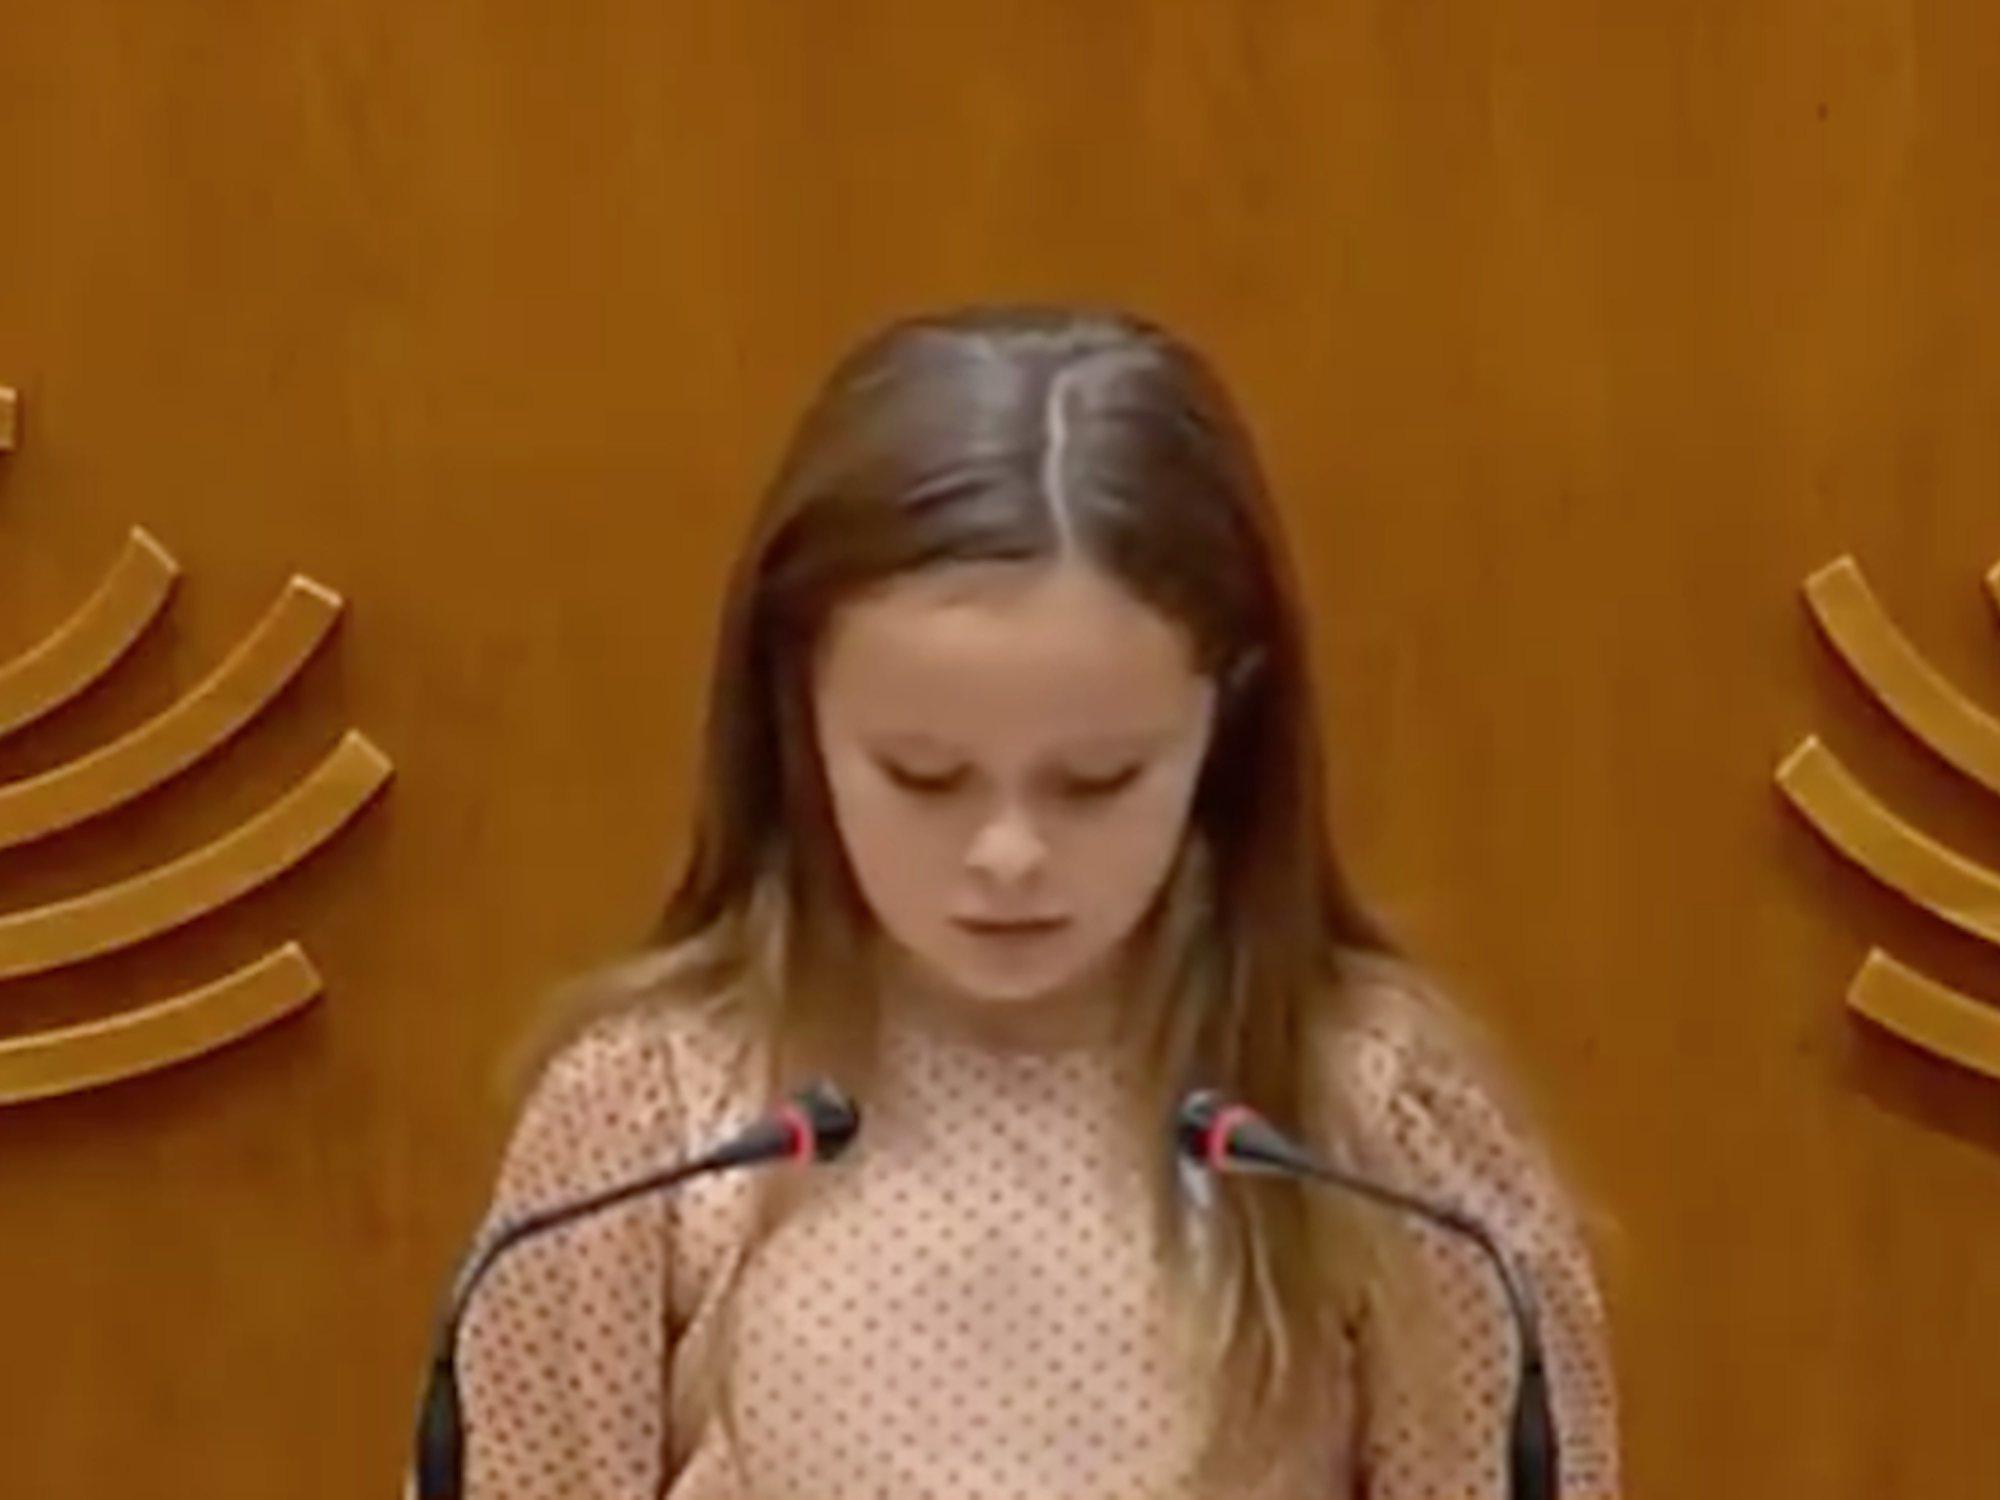 El emotivo discurso de Elsa, una niña trans de 8 años, dando una lección a los políticos